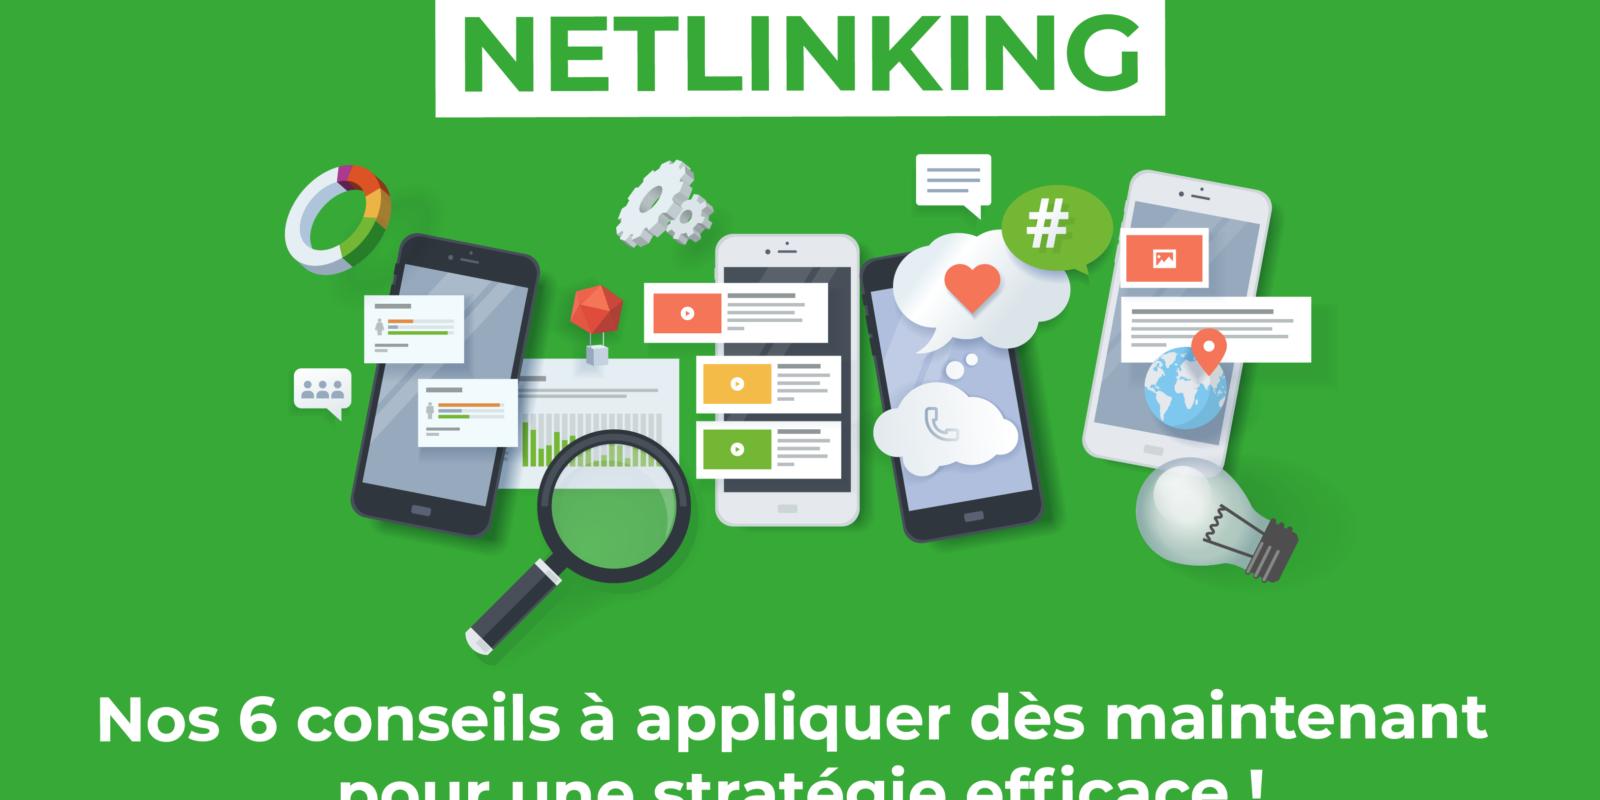 Netlinking : nos 6 conseils à appliquer dès maintenant pour une stratégie efficace !